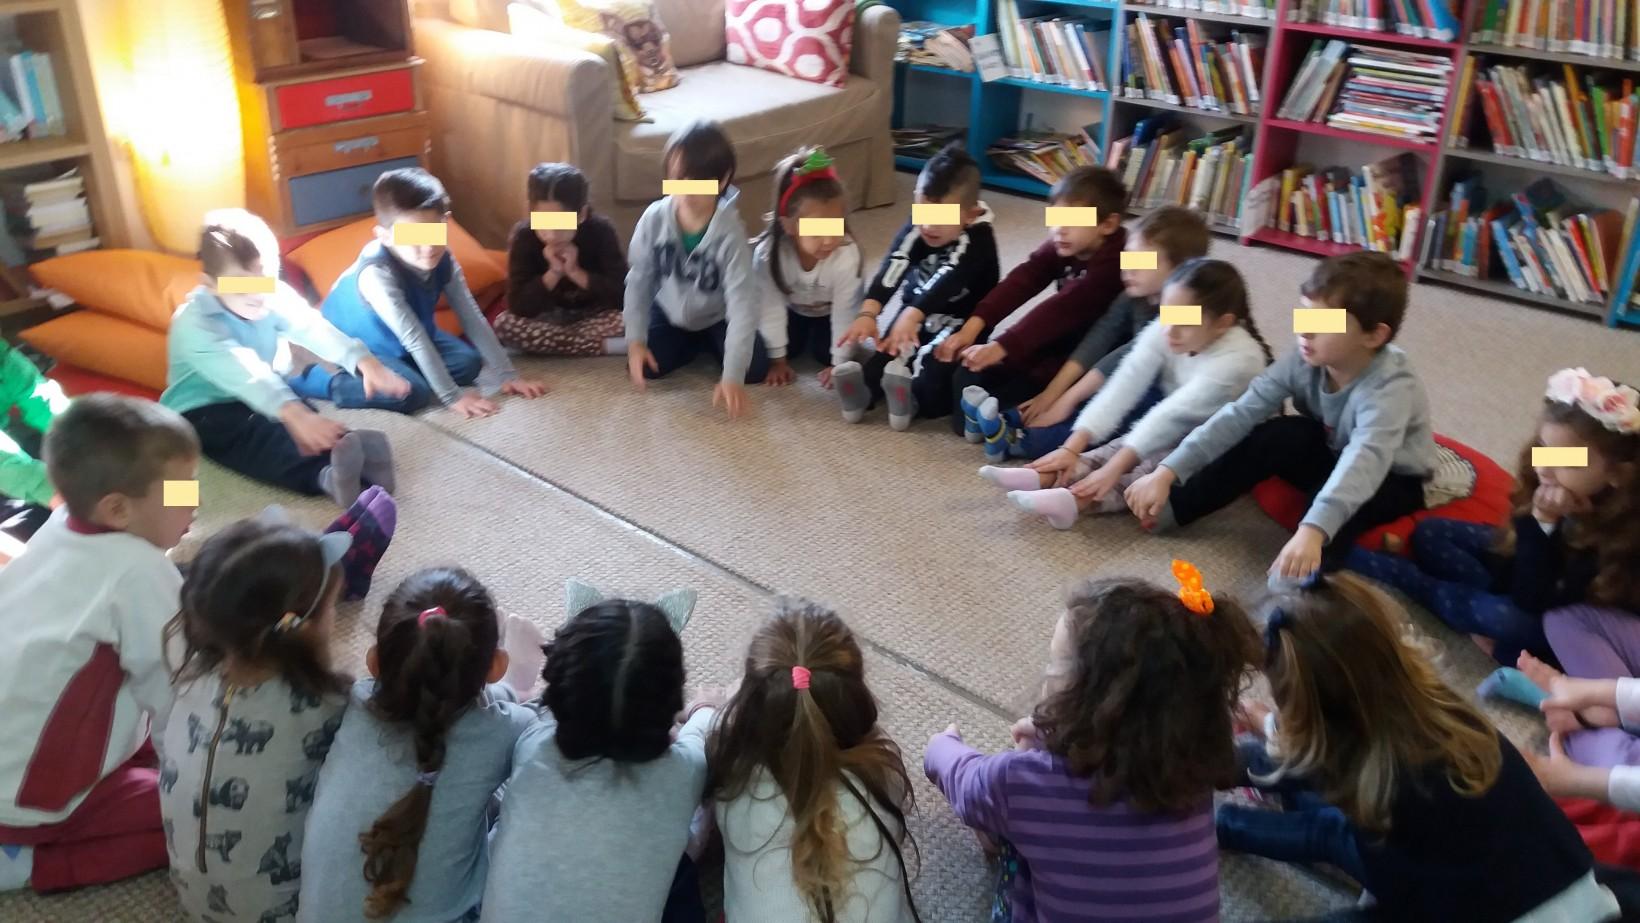 Χριστουγεννιάτικο πρόγραμμα φιλαναγνωσίας στη Νέα Βιβλιοθήκη του Φουγάρου